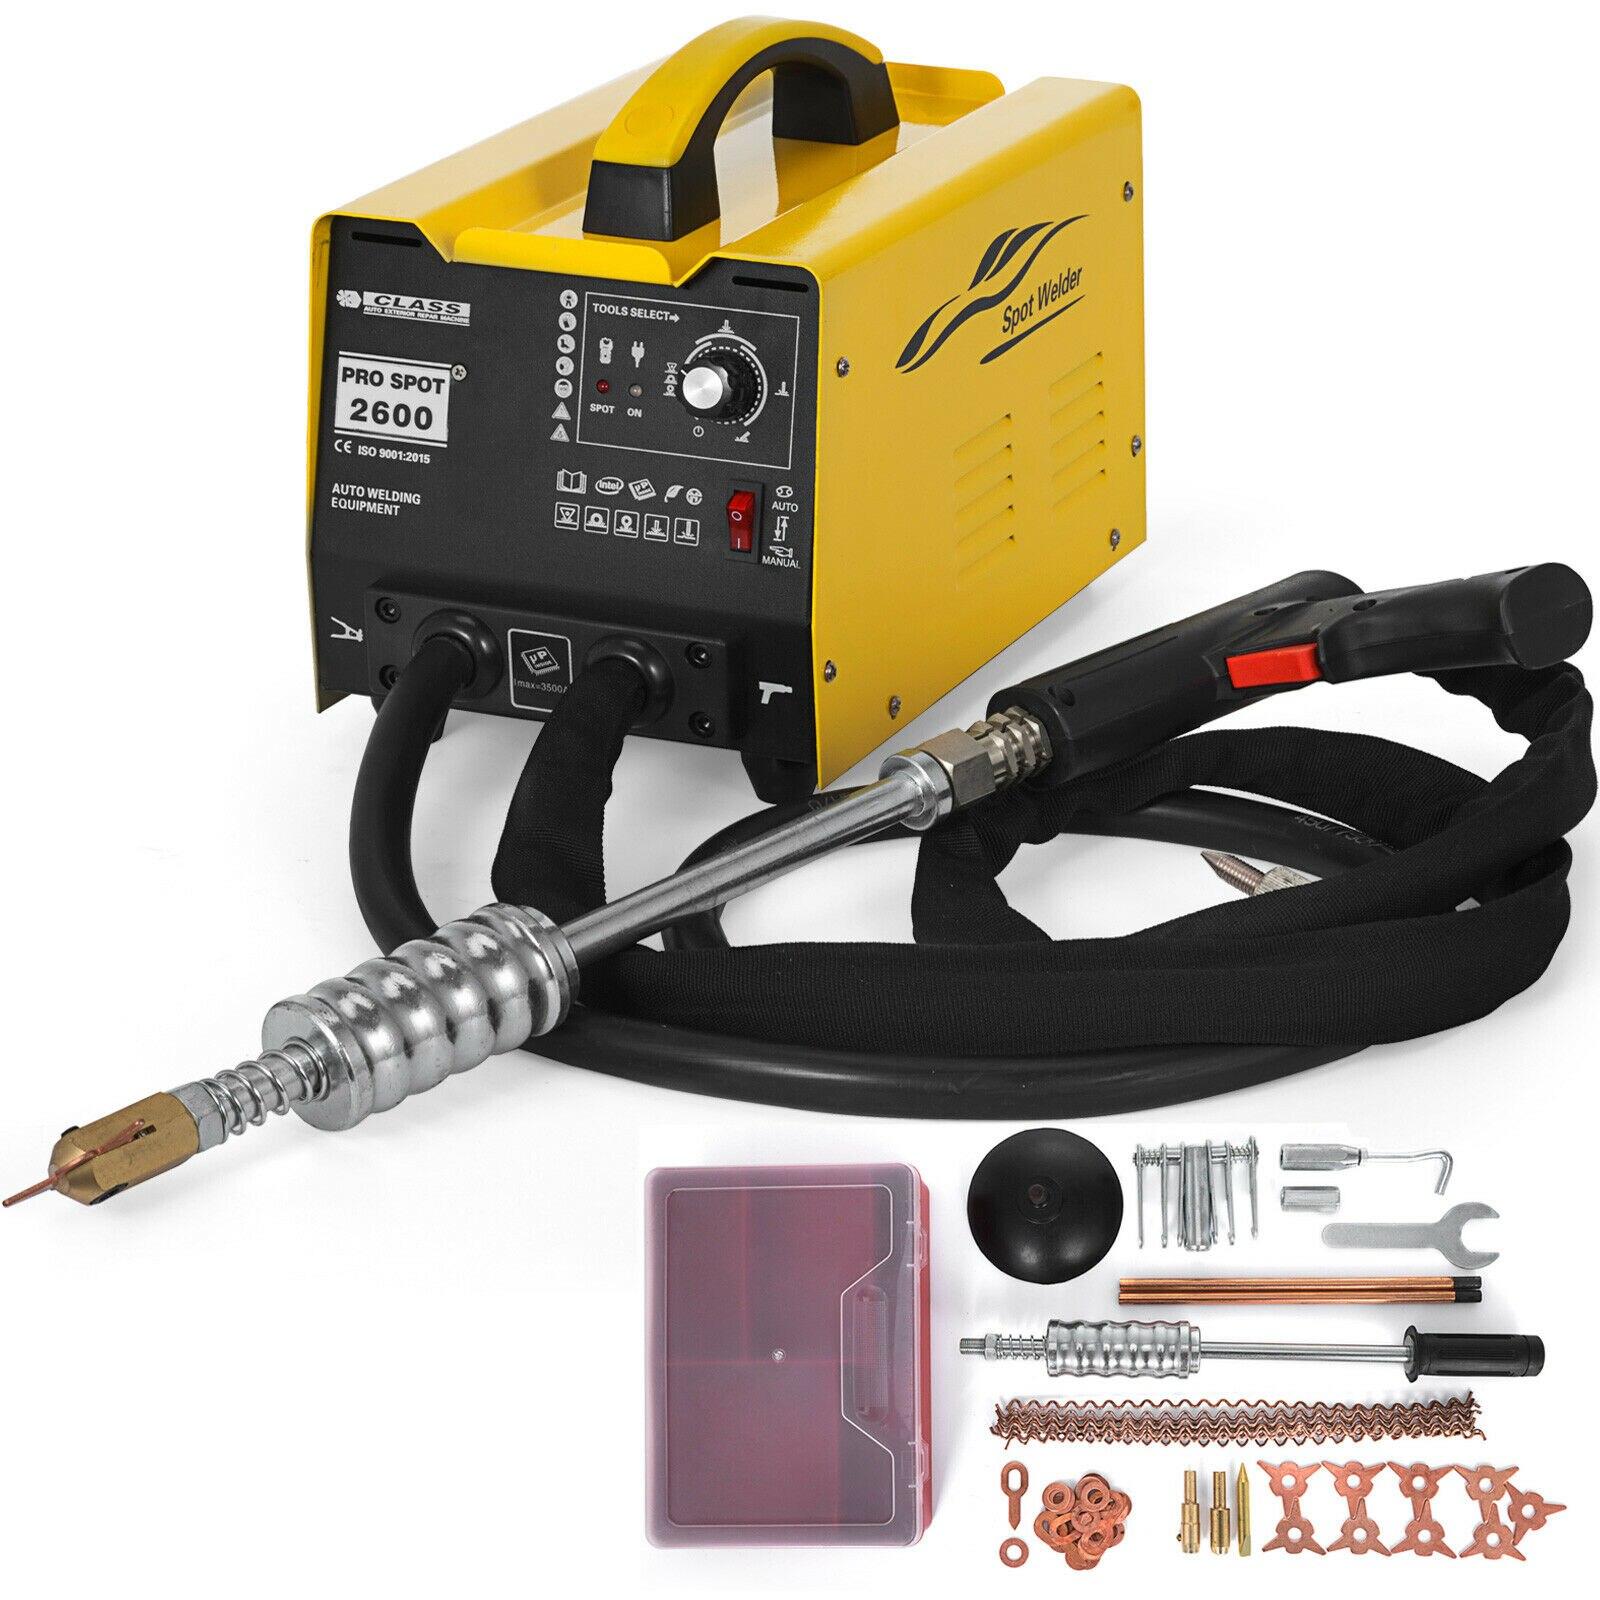 VEVOR Dent Repair Tool Tools For Body Repair Dent Repair Dent Repair Tools Auto (GYS2600) With  Free Shipping